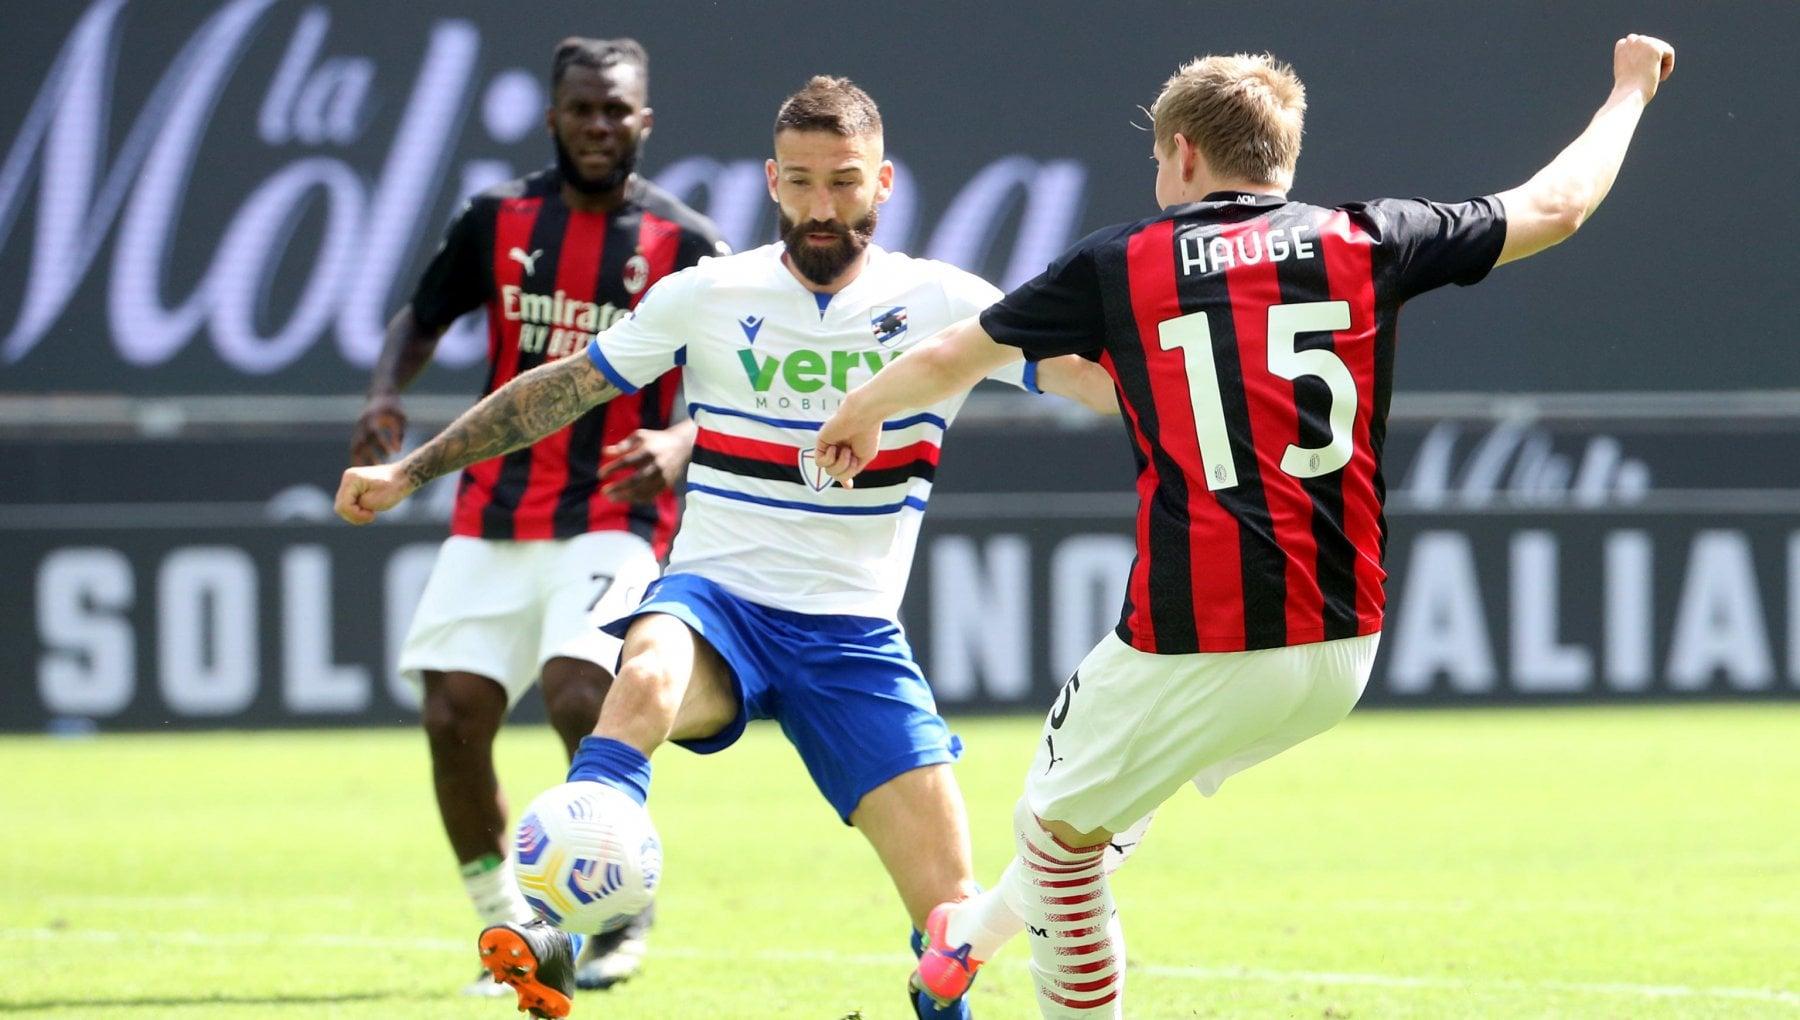 Milan-Sampdoria 1-1: Quagliarella illude i doriani, Hauge salva i rossoneri